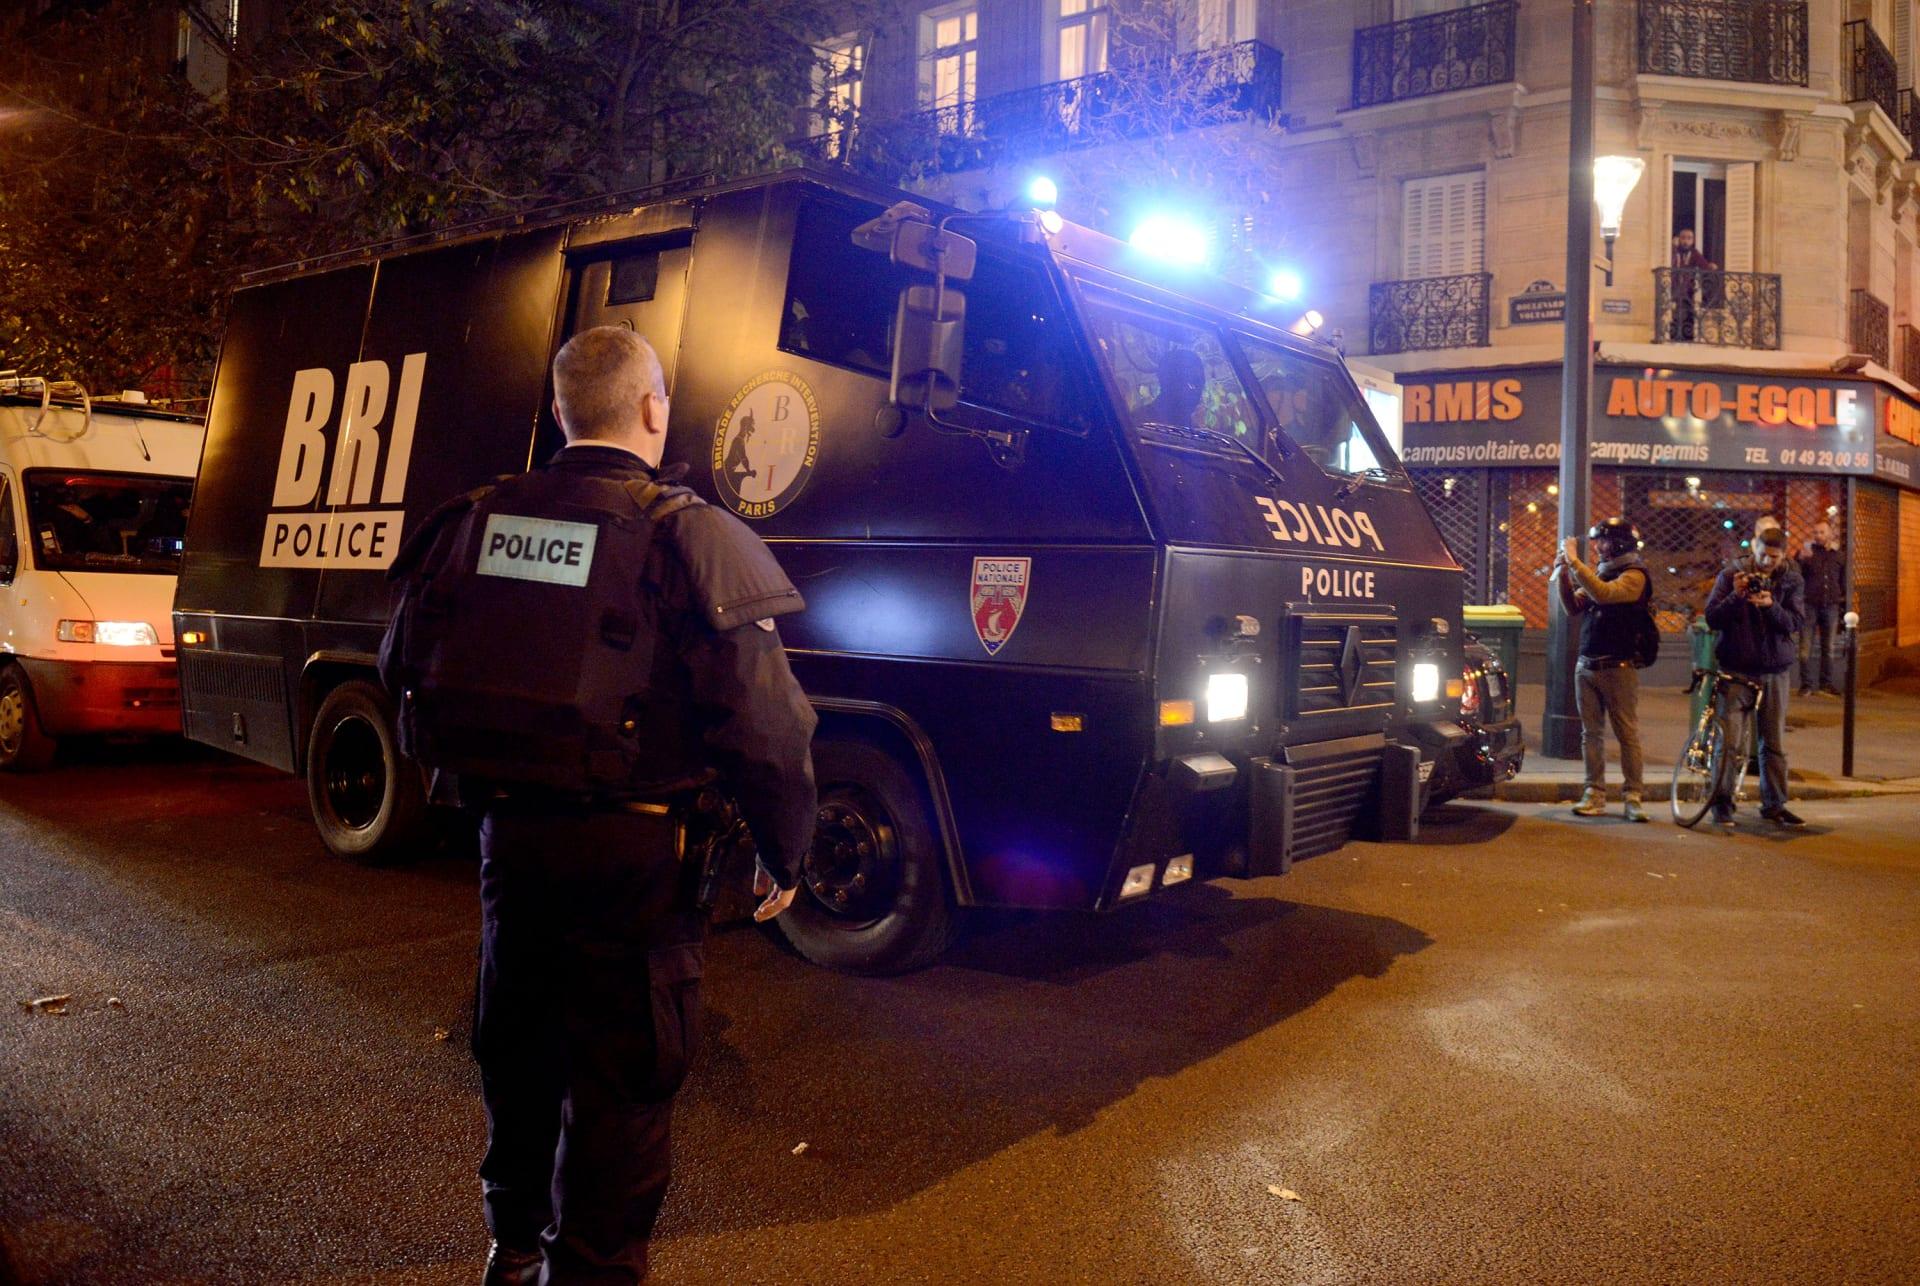 مصدر استخباراتي لـCNN: أحد تفجيرات استاد فرنسا يبدو انتحاريا